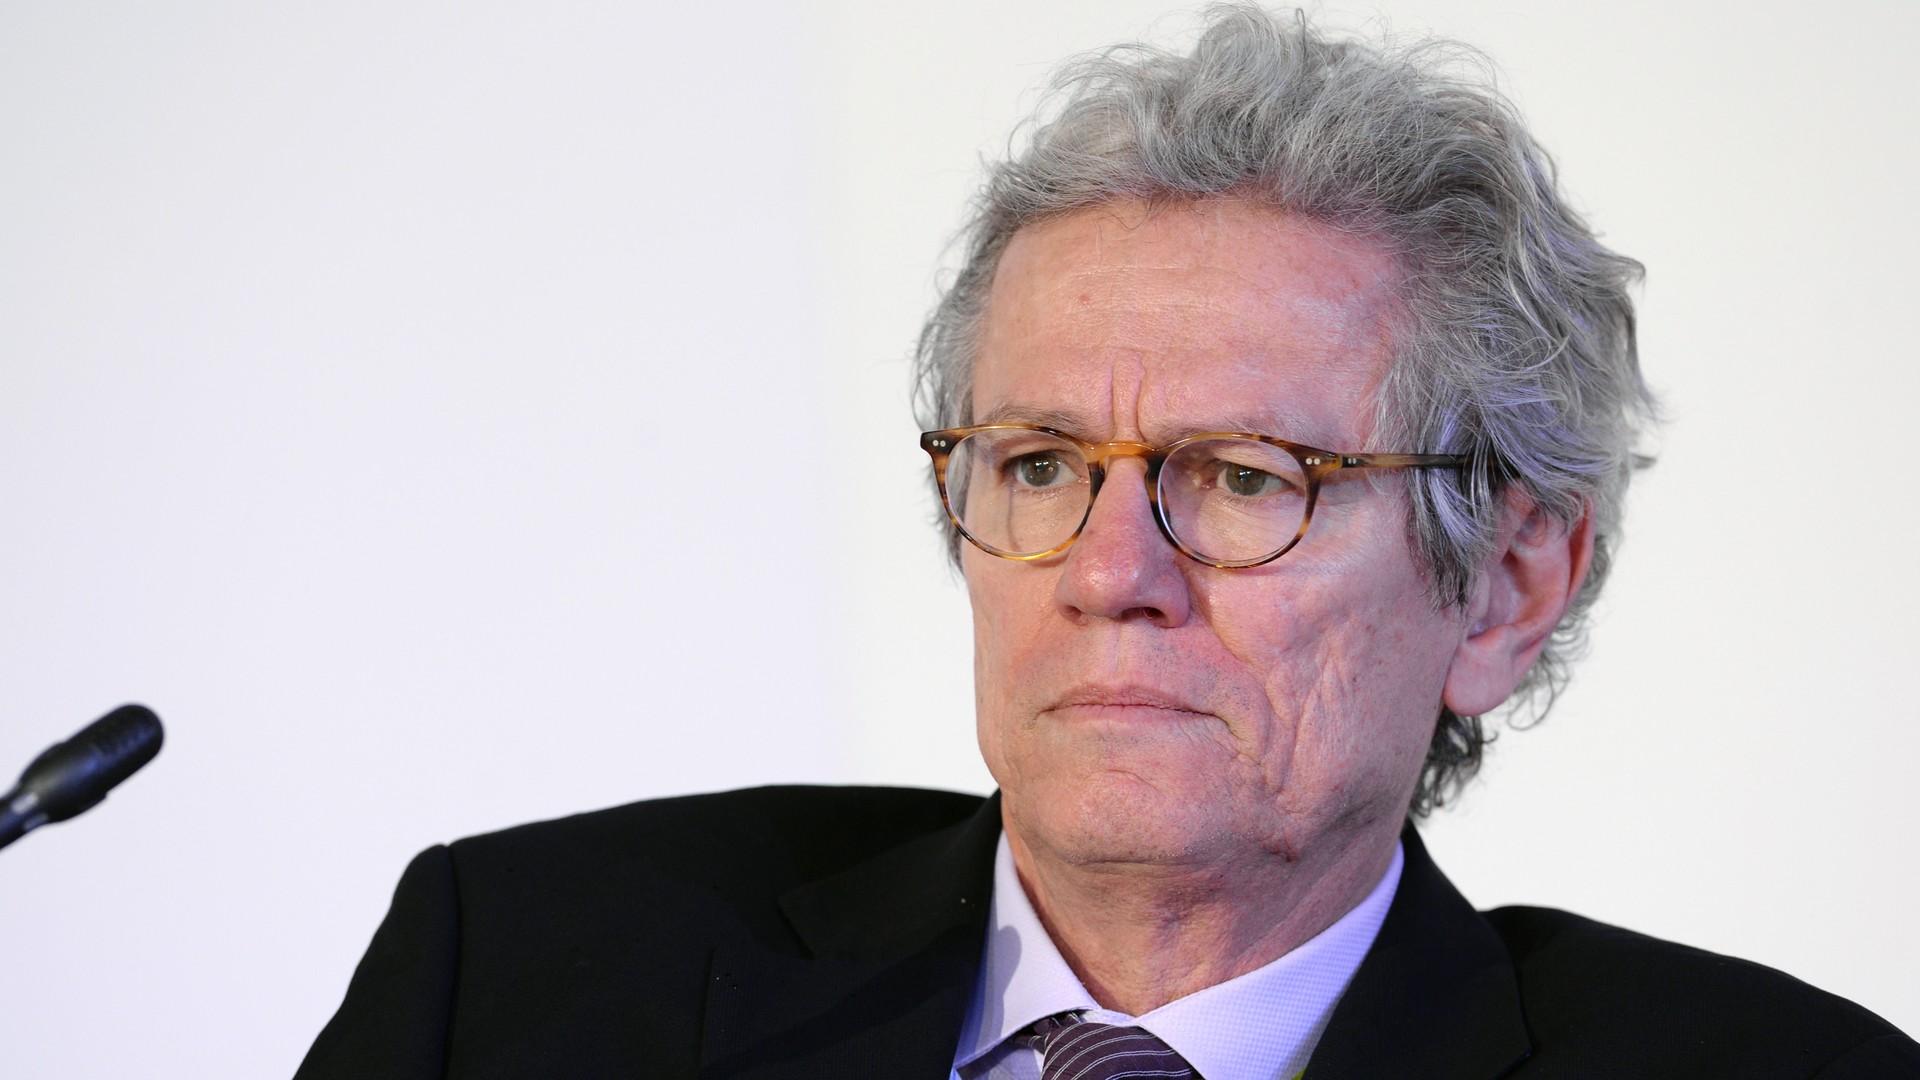 Directeur exécutif du FMI : le Fonds a échoué en Grèce et en Ukraine